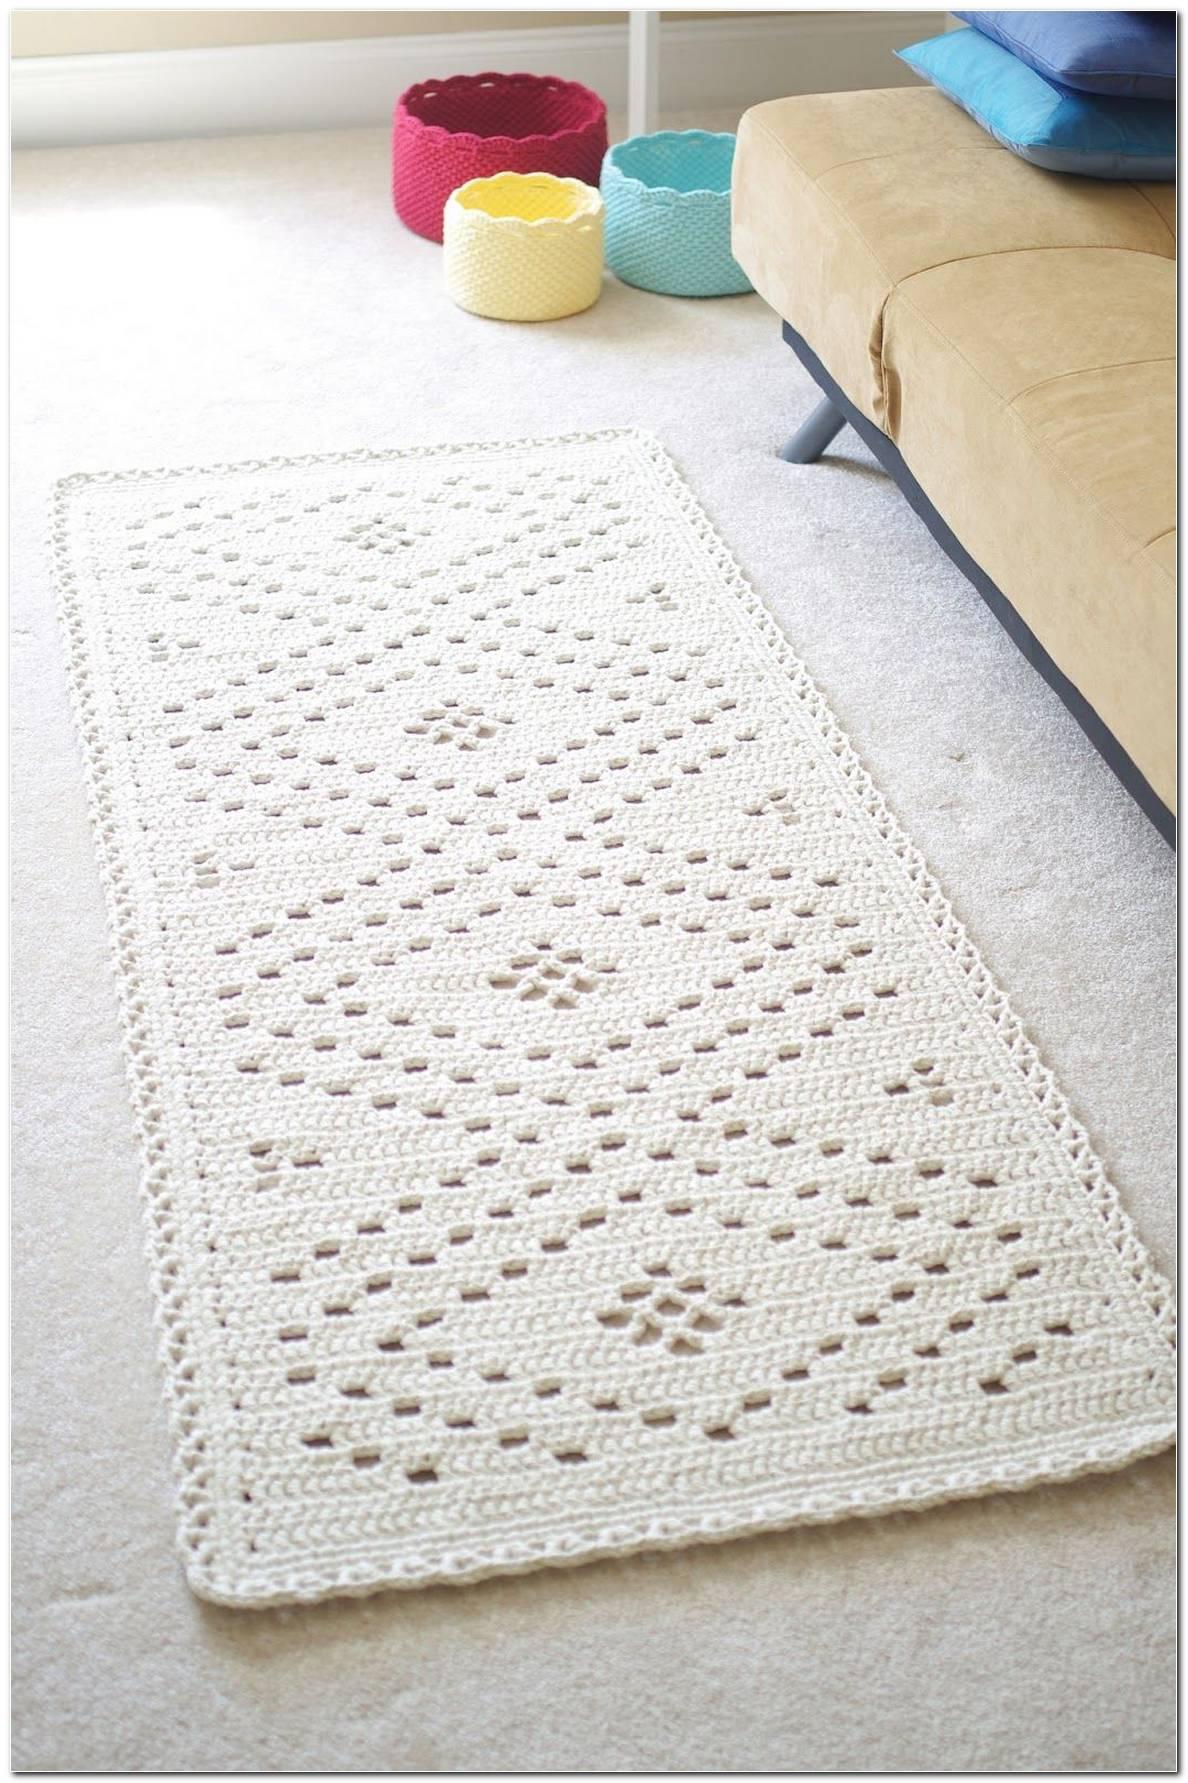 Tapete De Crochê Para Cozinha Descubra 60 Ideias E Passo A Passo Fácil